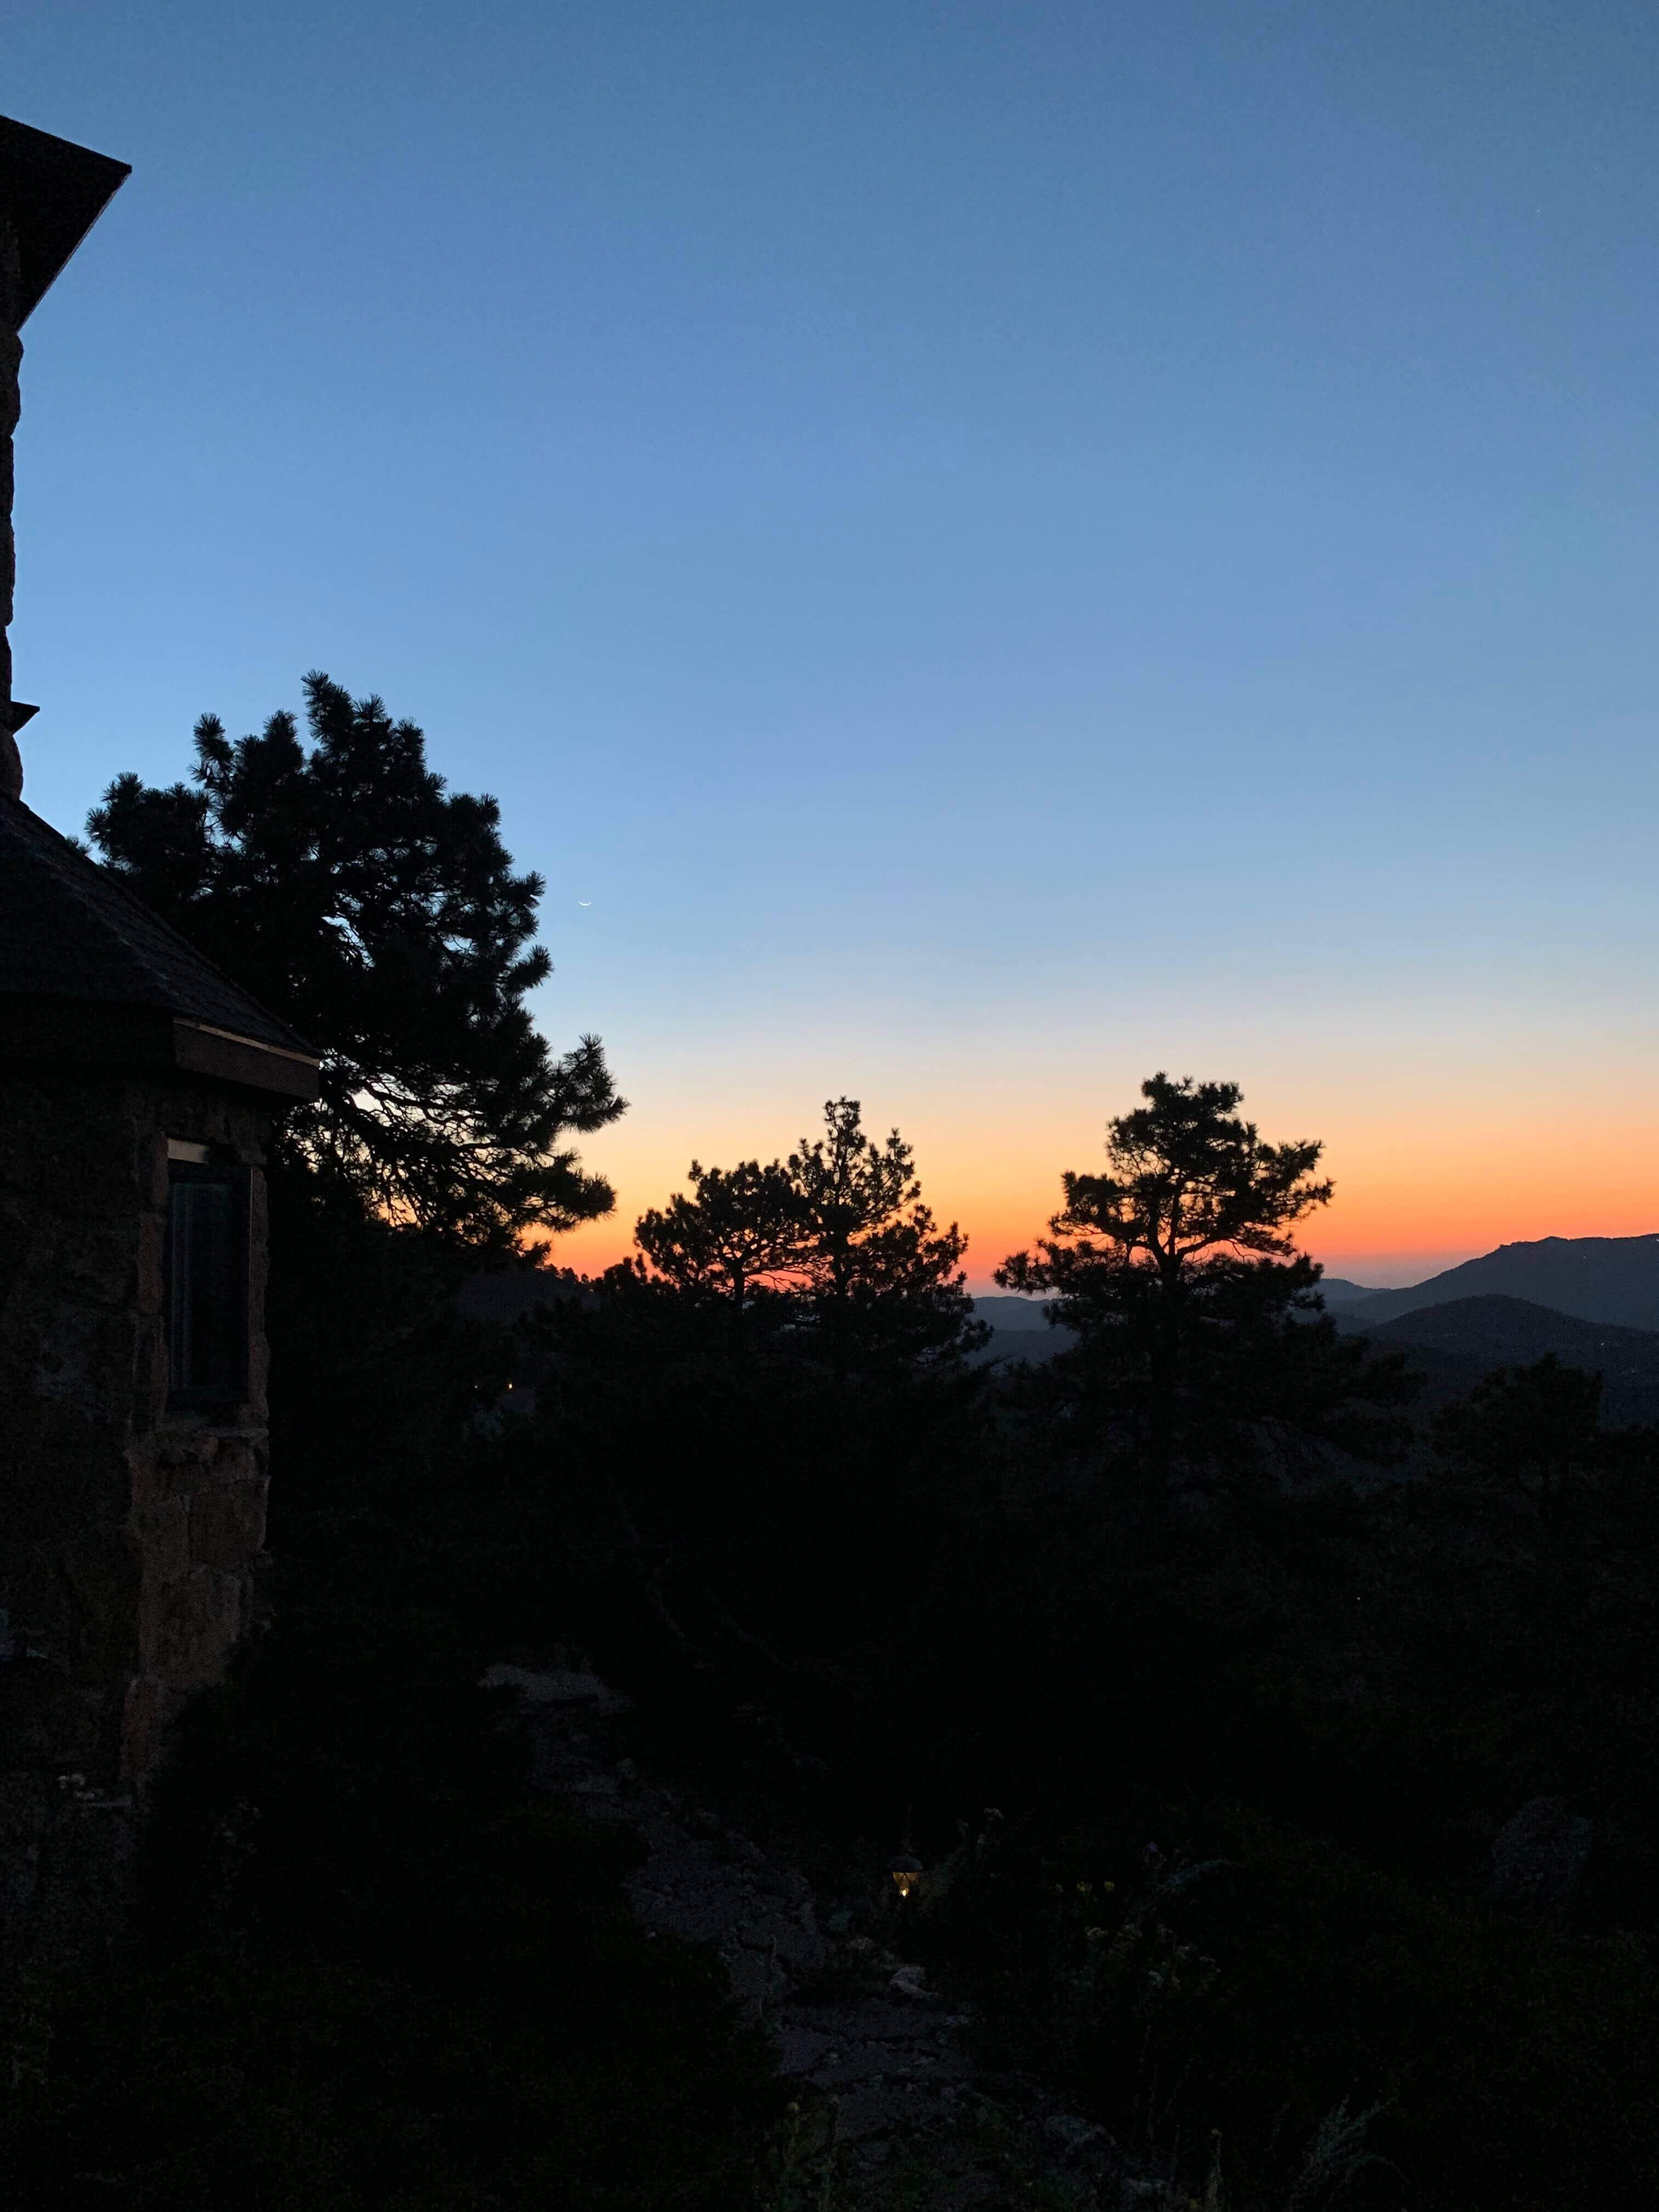 colorado trip part 4, Colorado Trip Part 4